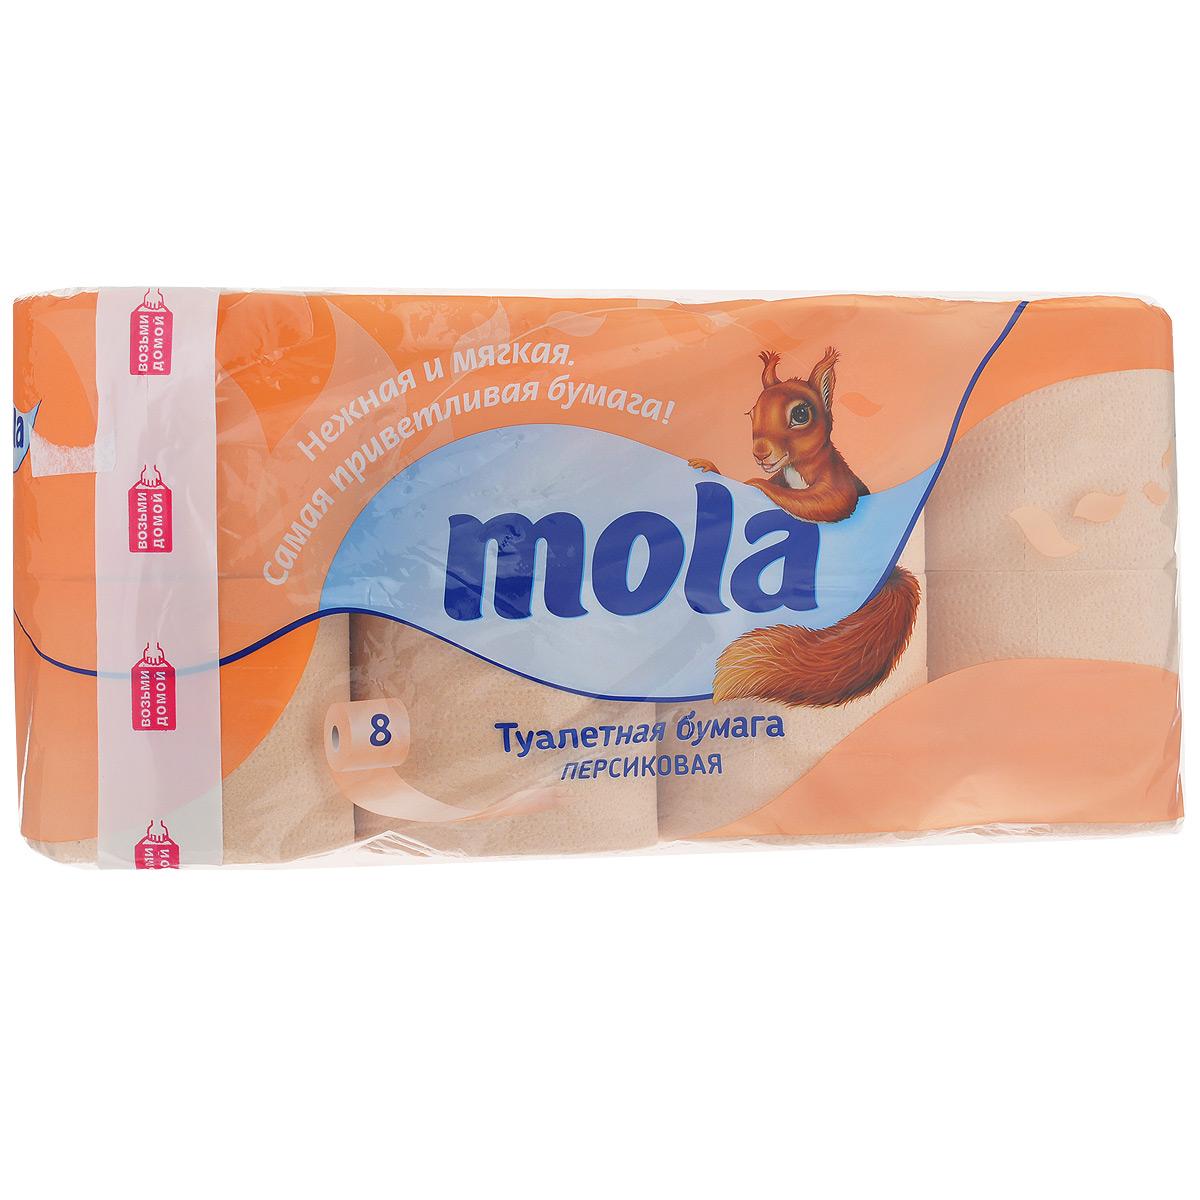 Туалетная бумага Mola, двухслойная, цвет: персиковый, 8 рулонов2175Двухслойная туалетная бумага Mola изготовлена из первичного и вторичного бумажного волокна. Листы имеют рисунок с тиснением. Мягкая, нежная, но в тоже время прочная, бумага не расслаивается и отрывается строго по линии перфорации. Материал: первичное и вторичное бумажное волокно. Количество слоев: 2. Размер листа: 12,5 см х 9,3 см. Длина рулона: 21 м. Количество листов: 170 шт.